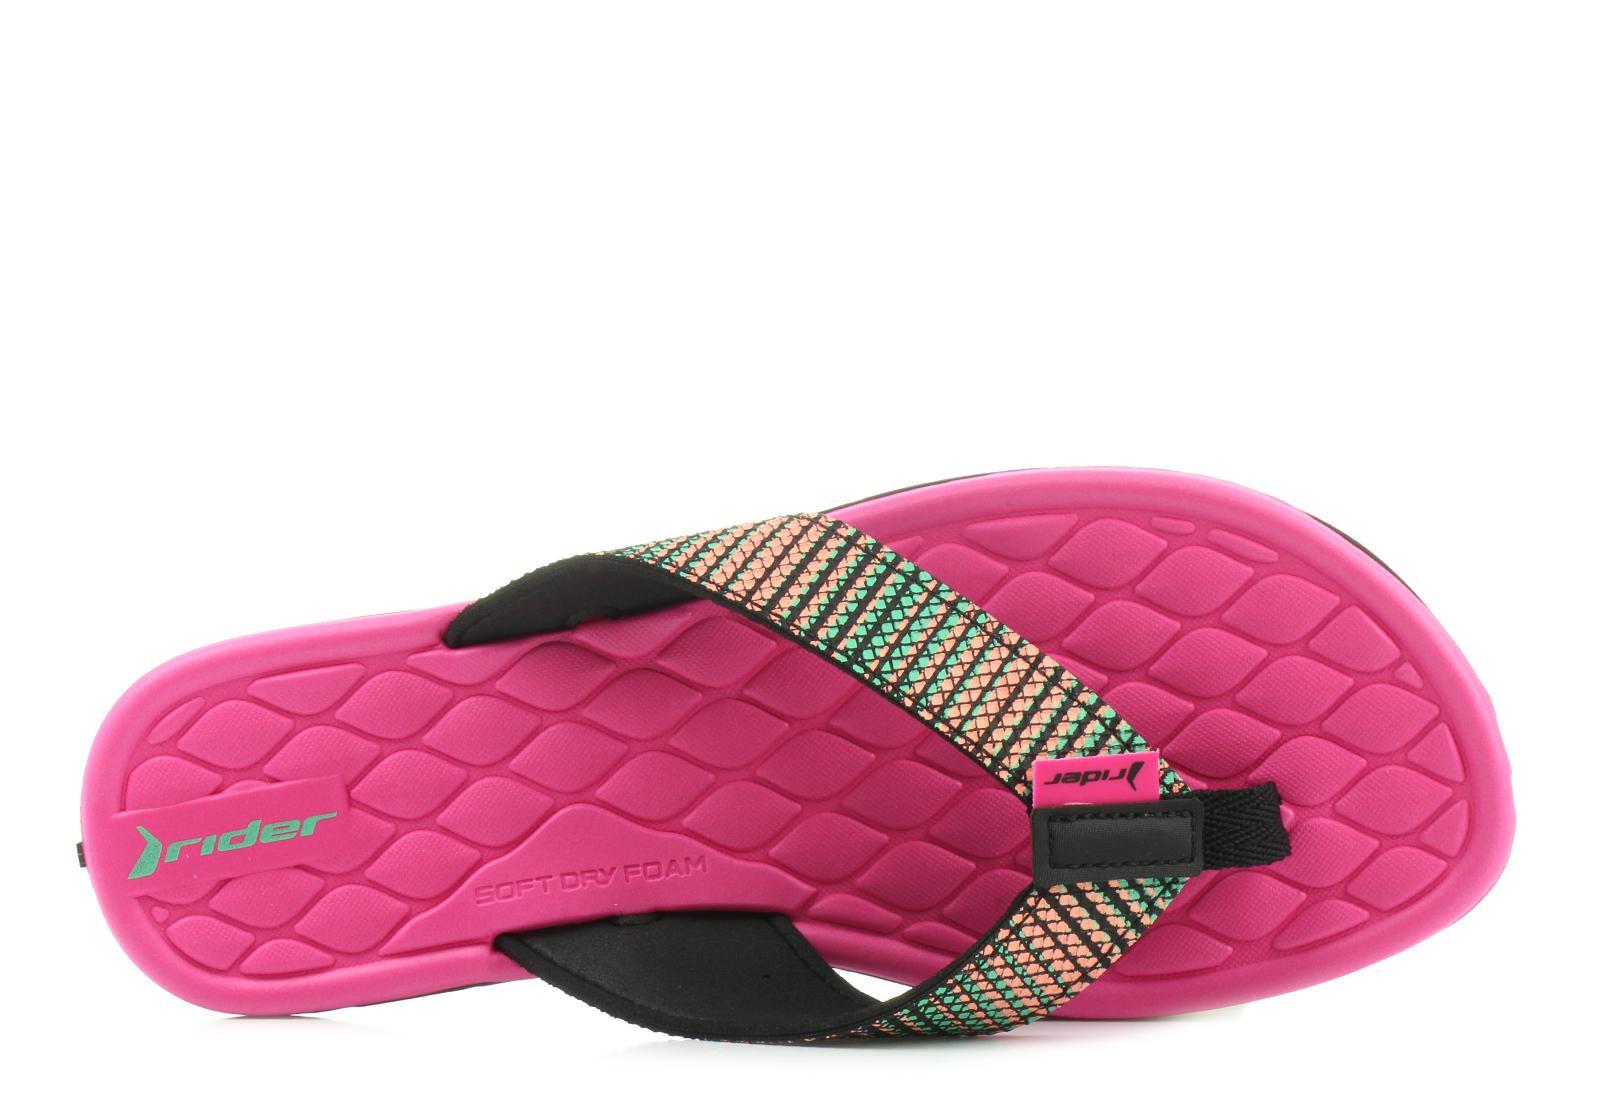 forró eladások exkluzív választék félig Office Cloud Papucs V 20753 Shoes Fem Rider Magyarország 82223 UzSMpV